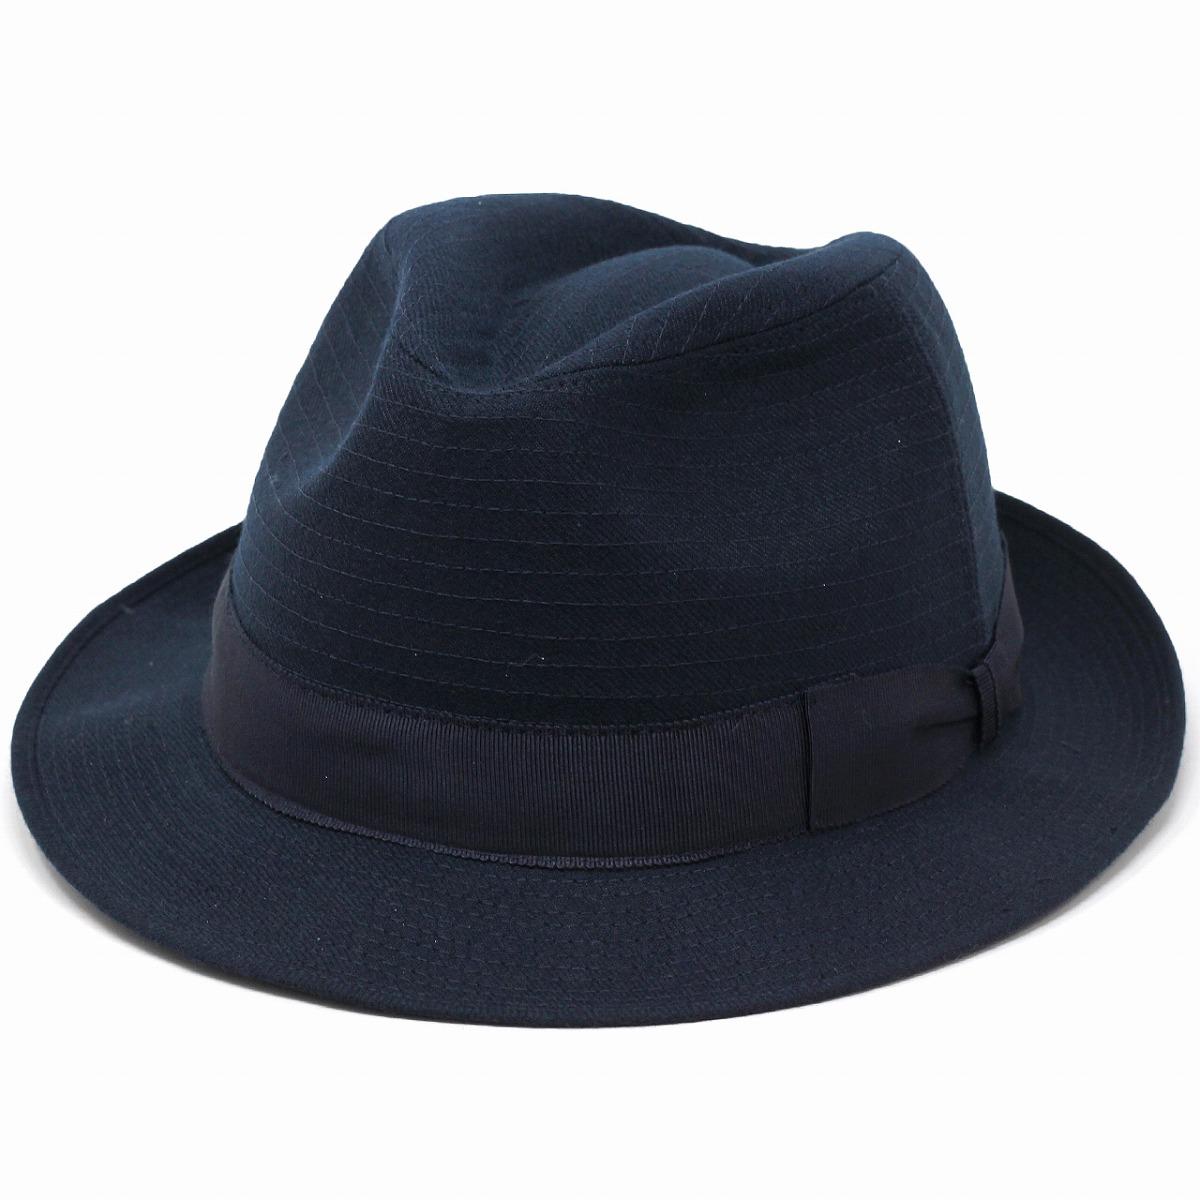 ウール ハット 中折れ 帽子 メンズ 秋冬 ユニセックス グログランリボン ピンストライプ マツイ 日本製 高品質 帽子 シンプル 無地 中折れハット 紺 ネイビー [ fedora ] 40代 50代 60代 70代 帽子屋 通販 ギフト包装無料